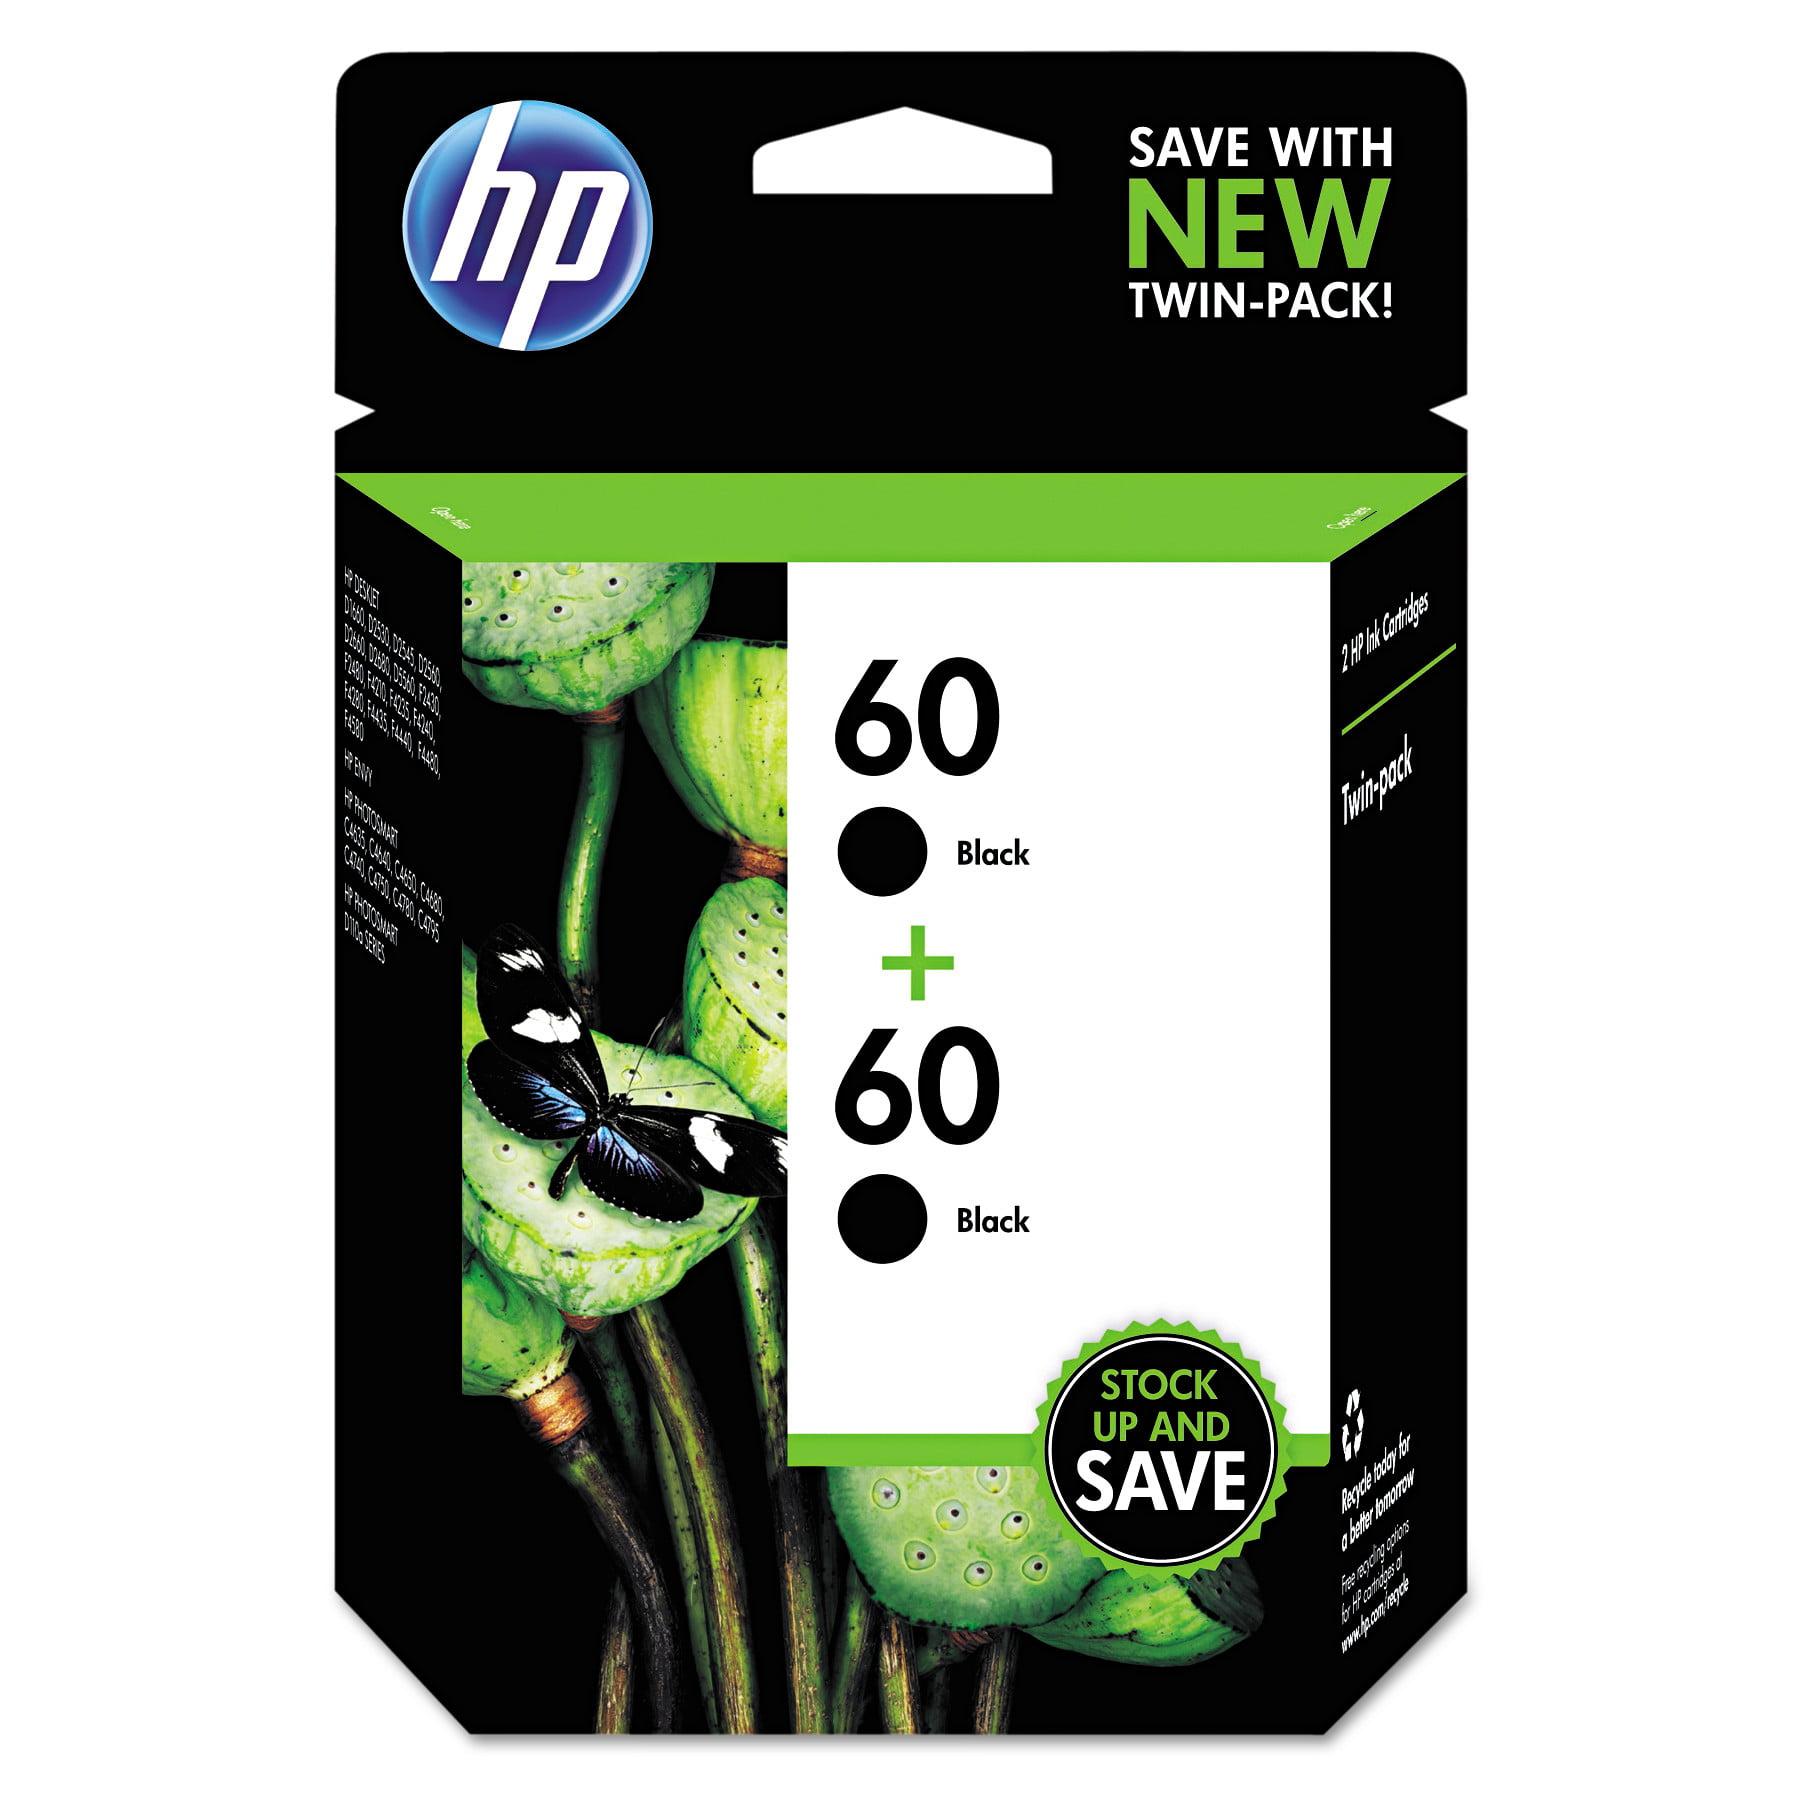 HP HP 60, (CZ071FN) 2-pack Black Original Ink Cartridges by HP